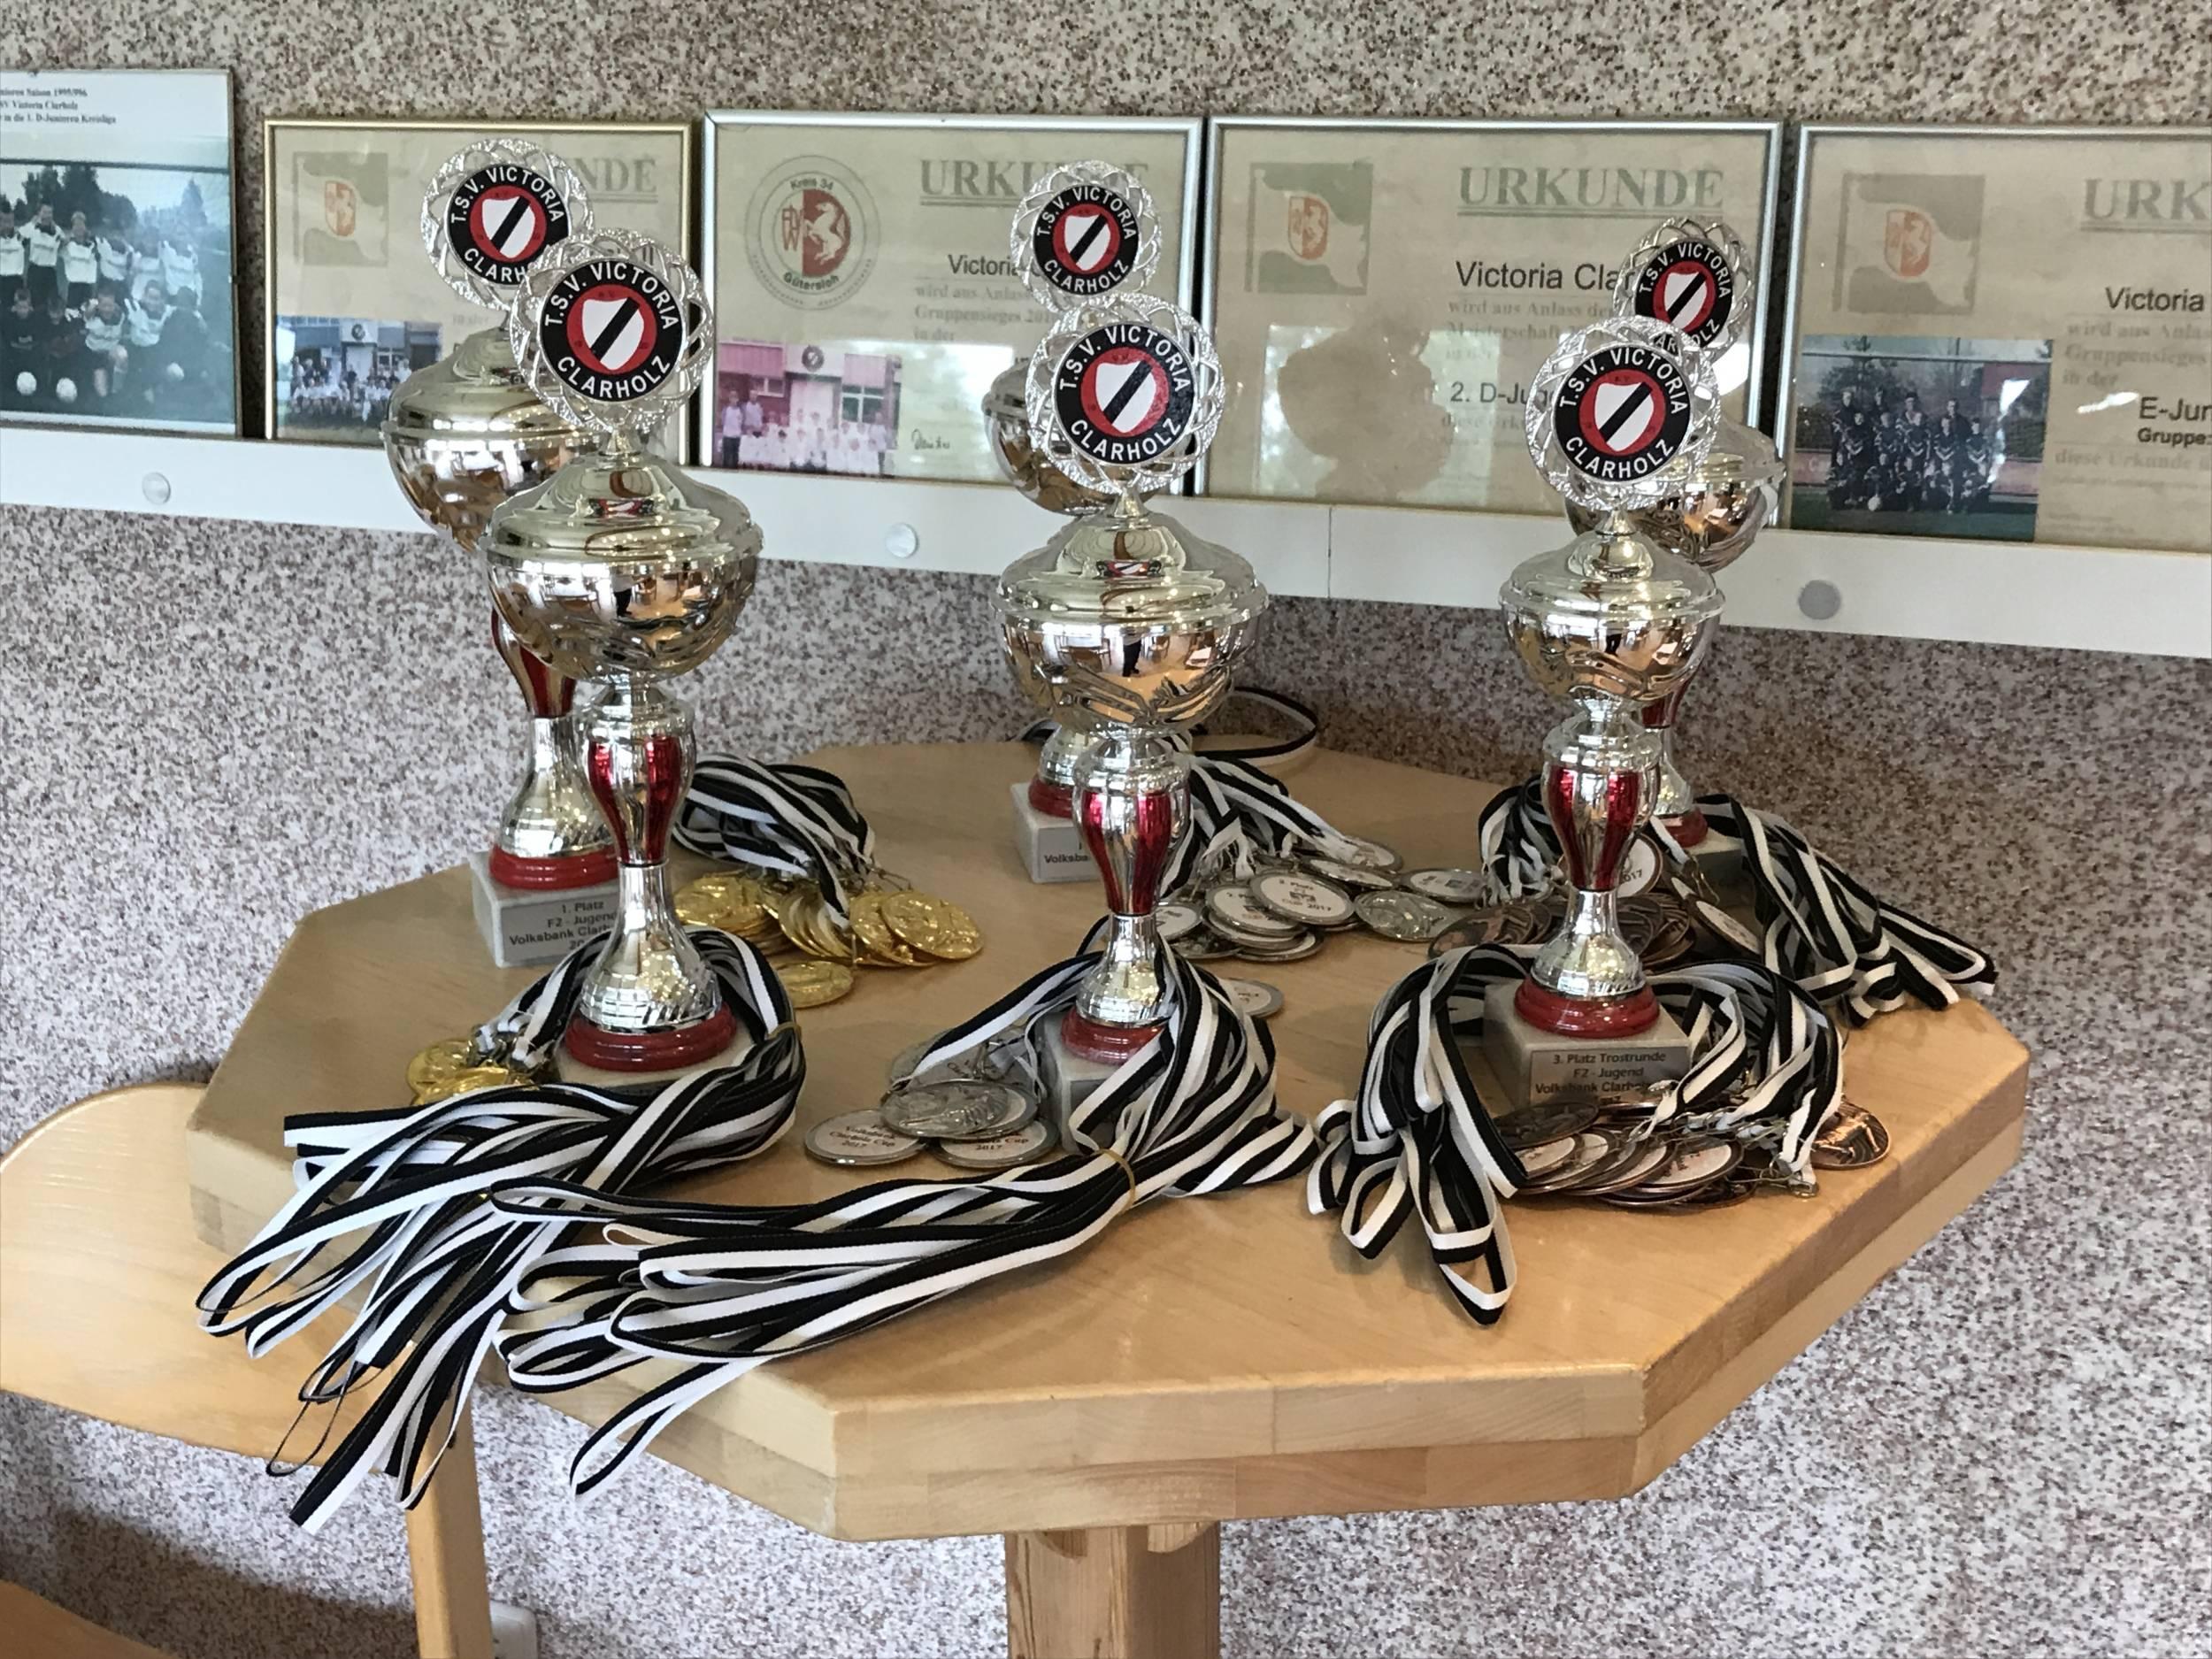 F-Jugend Turniere